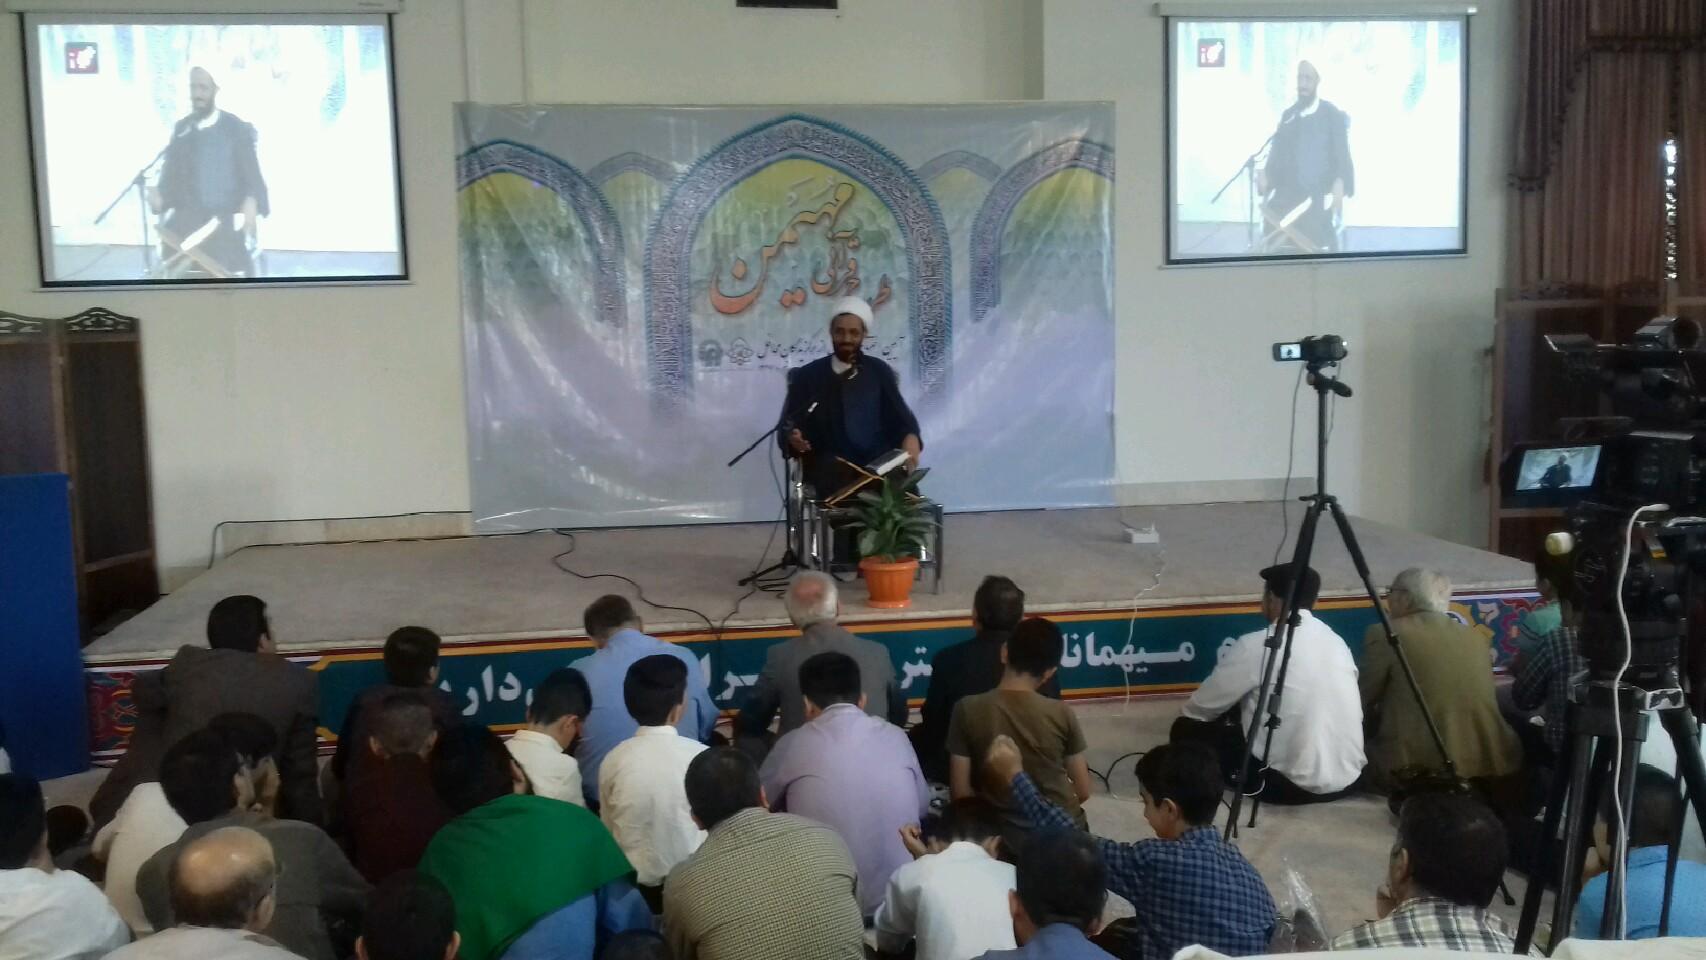 برگزاری اختتامیه طرح قرآنی مهیمن در مشهد